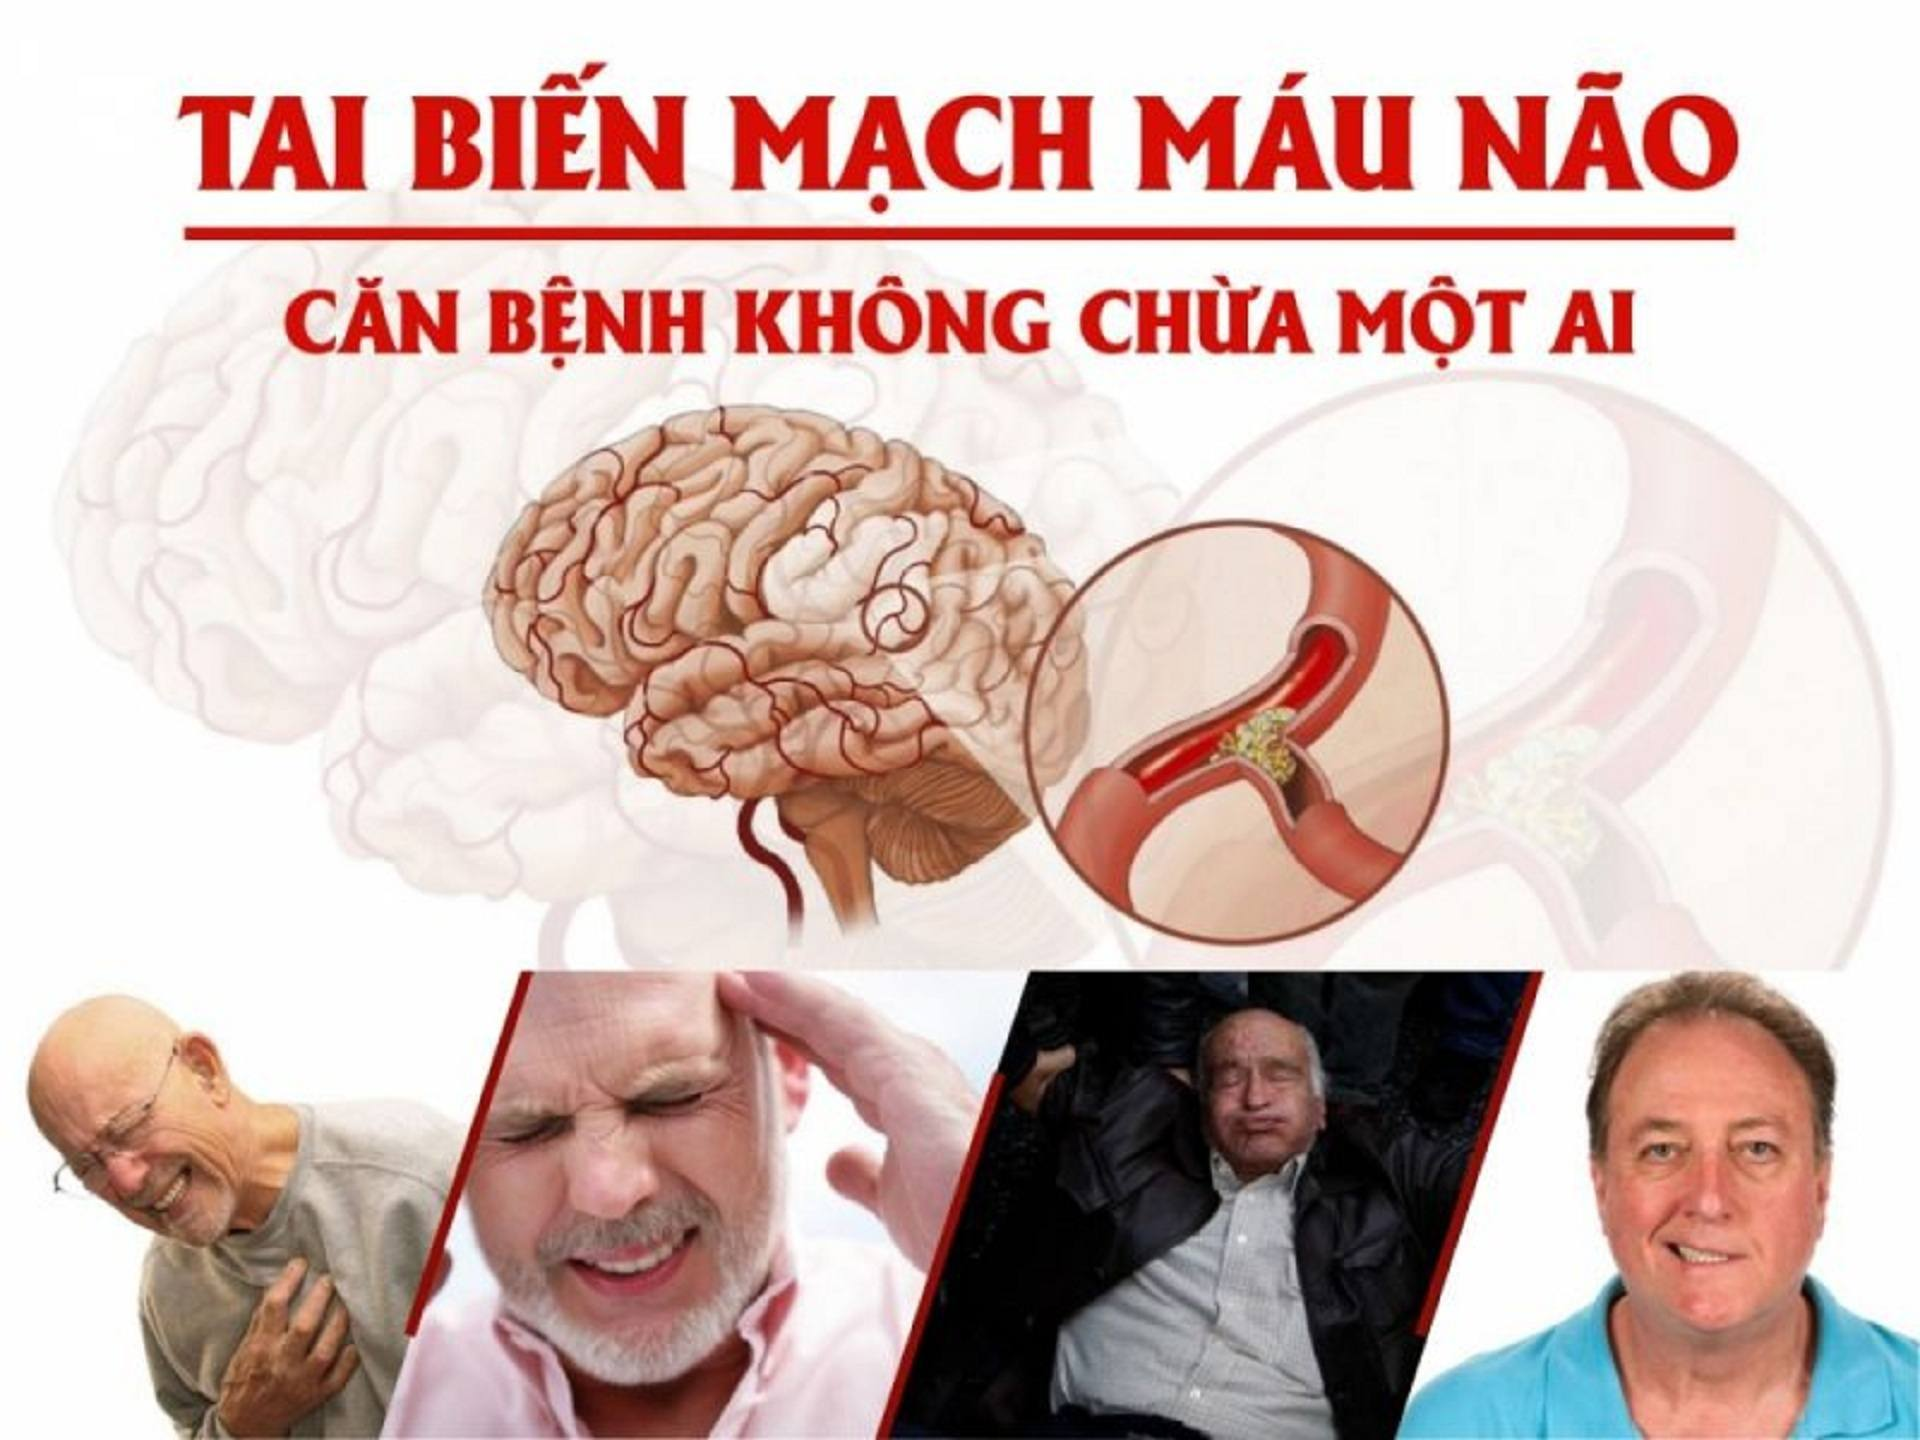 Tai biến mạch máu não là gì? Dấu hiệu nhận biết tai biến mạch máu não (3)